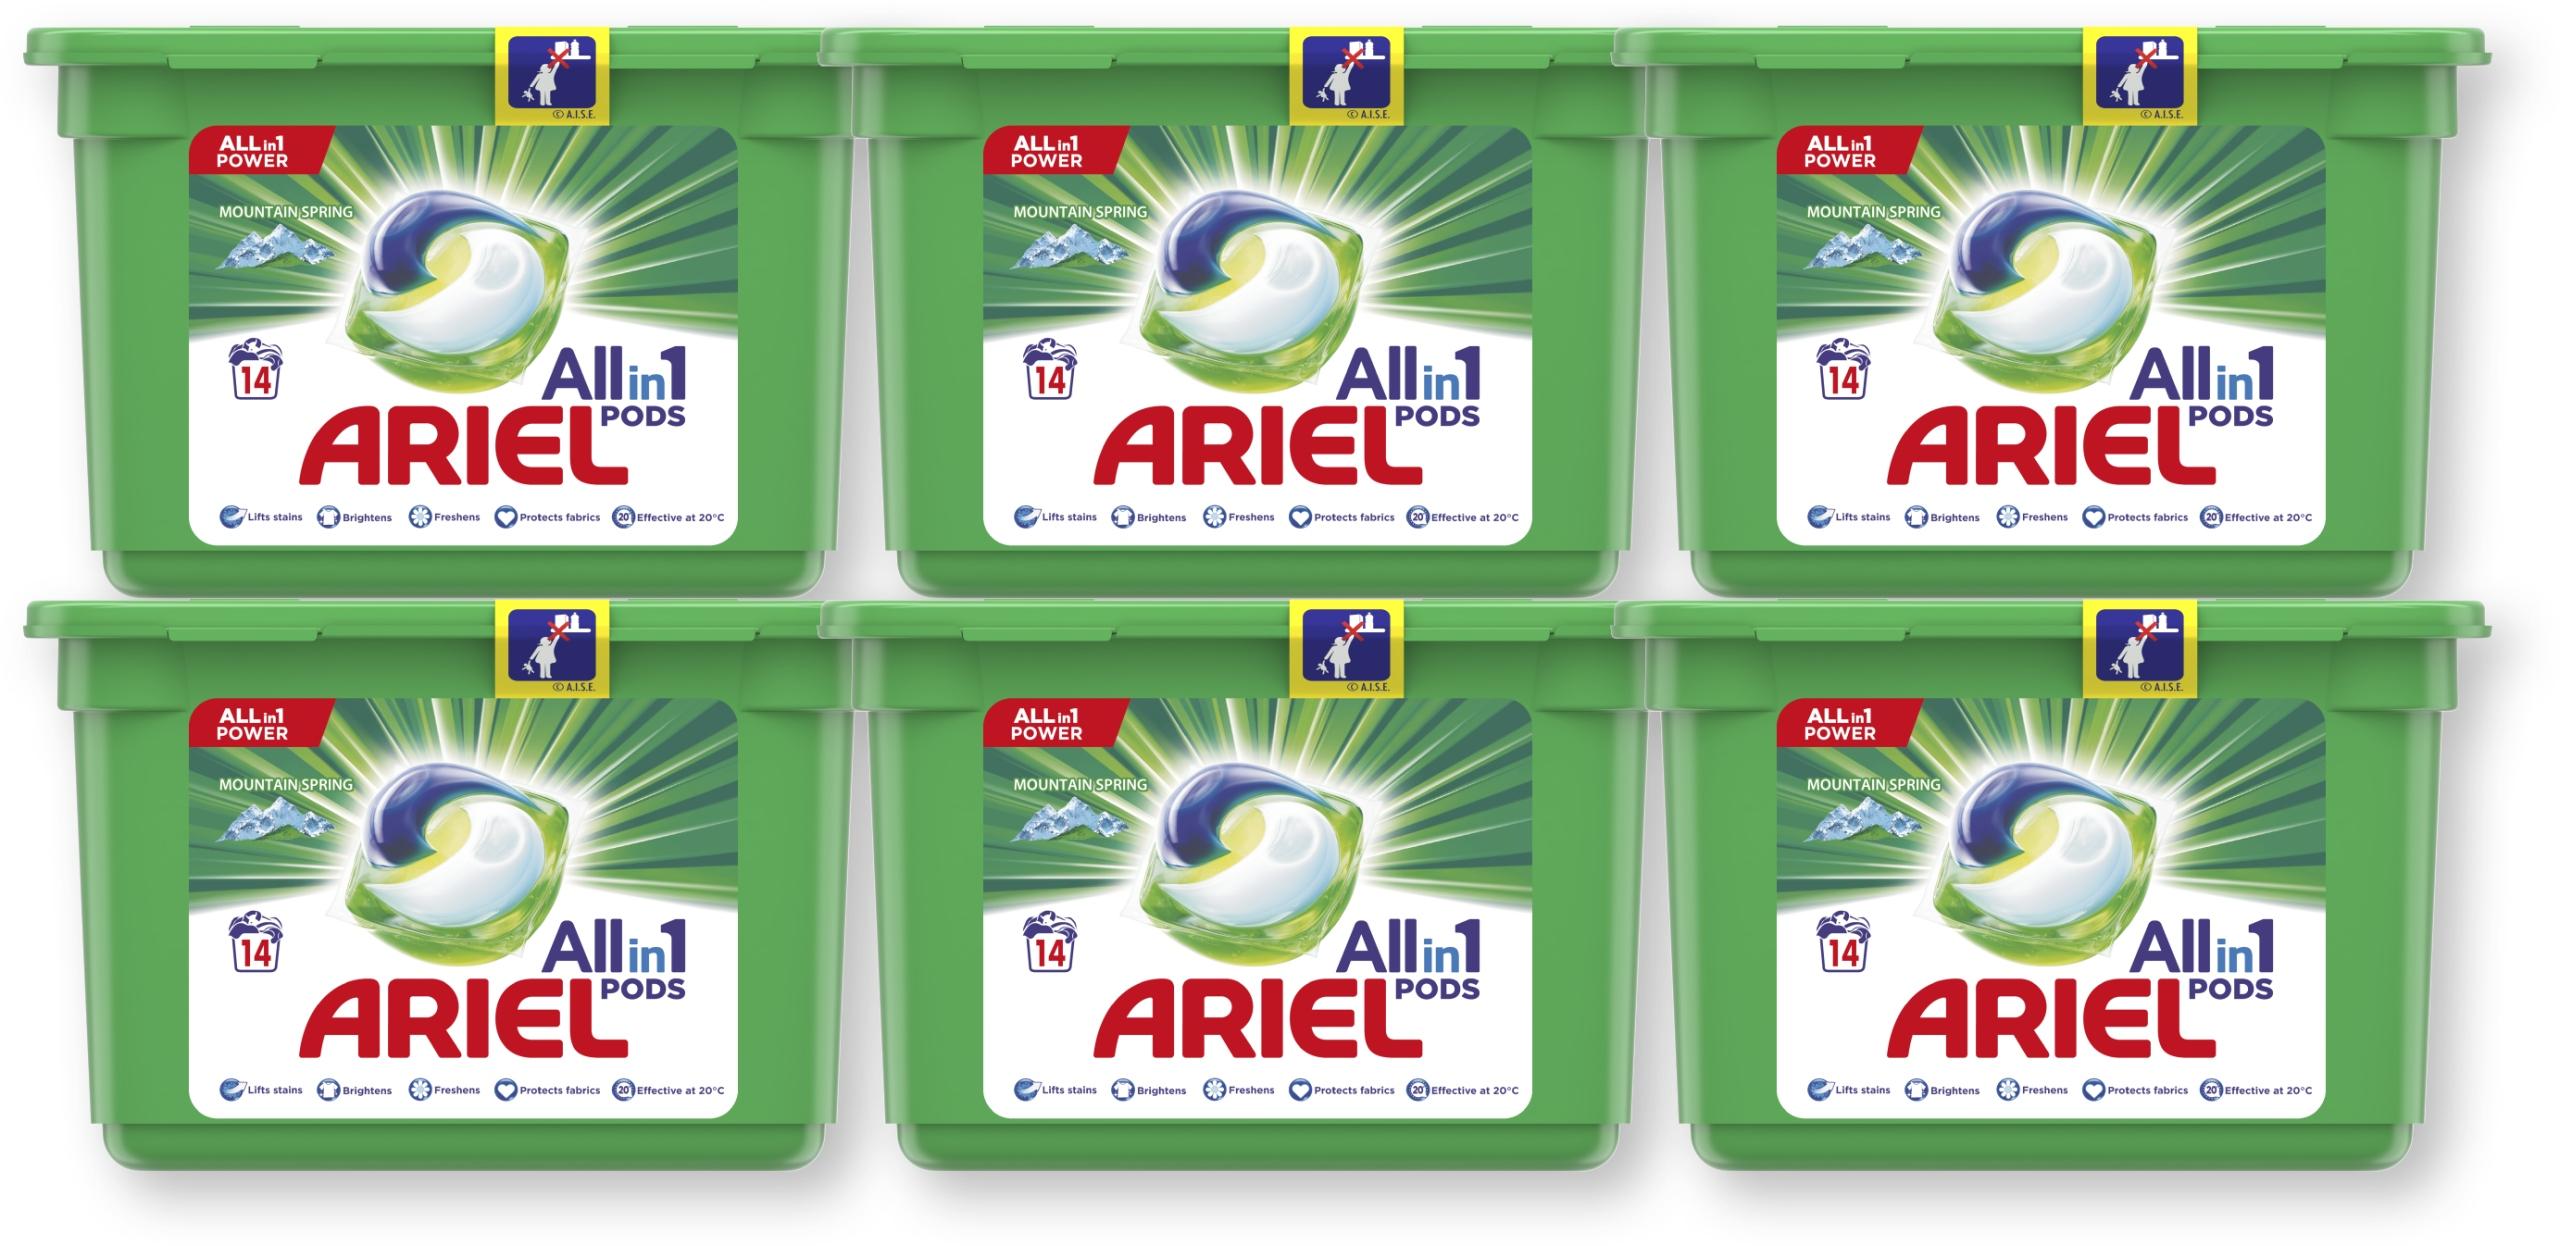 Ariel kapsułki do prania Mountain Spring 6x14 szt